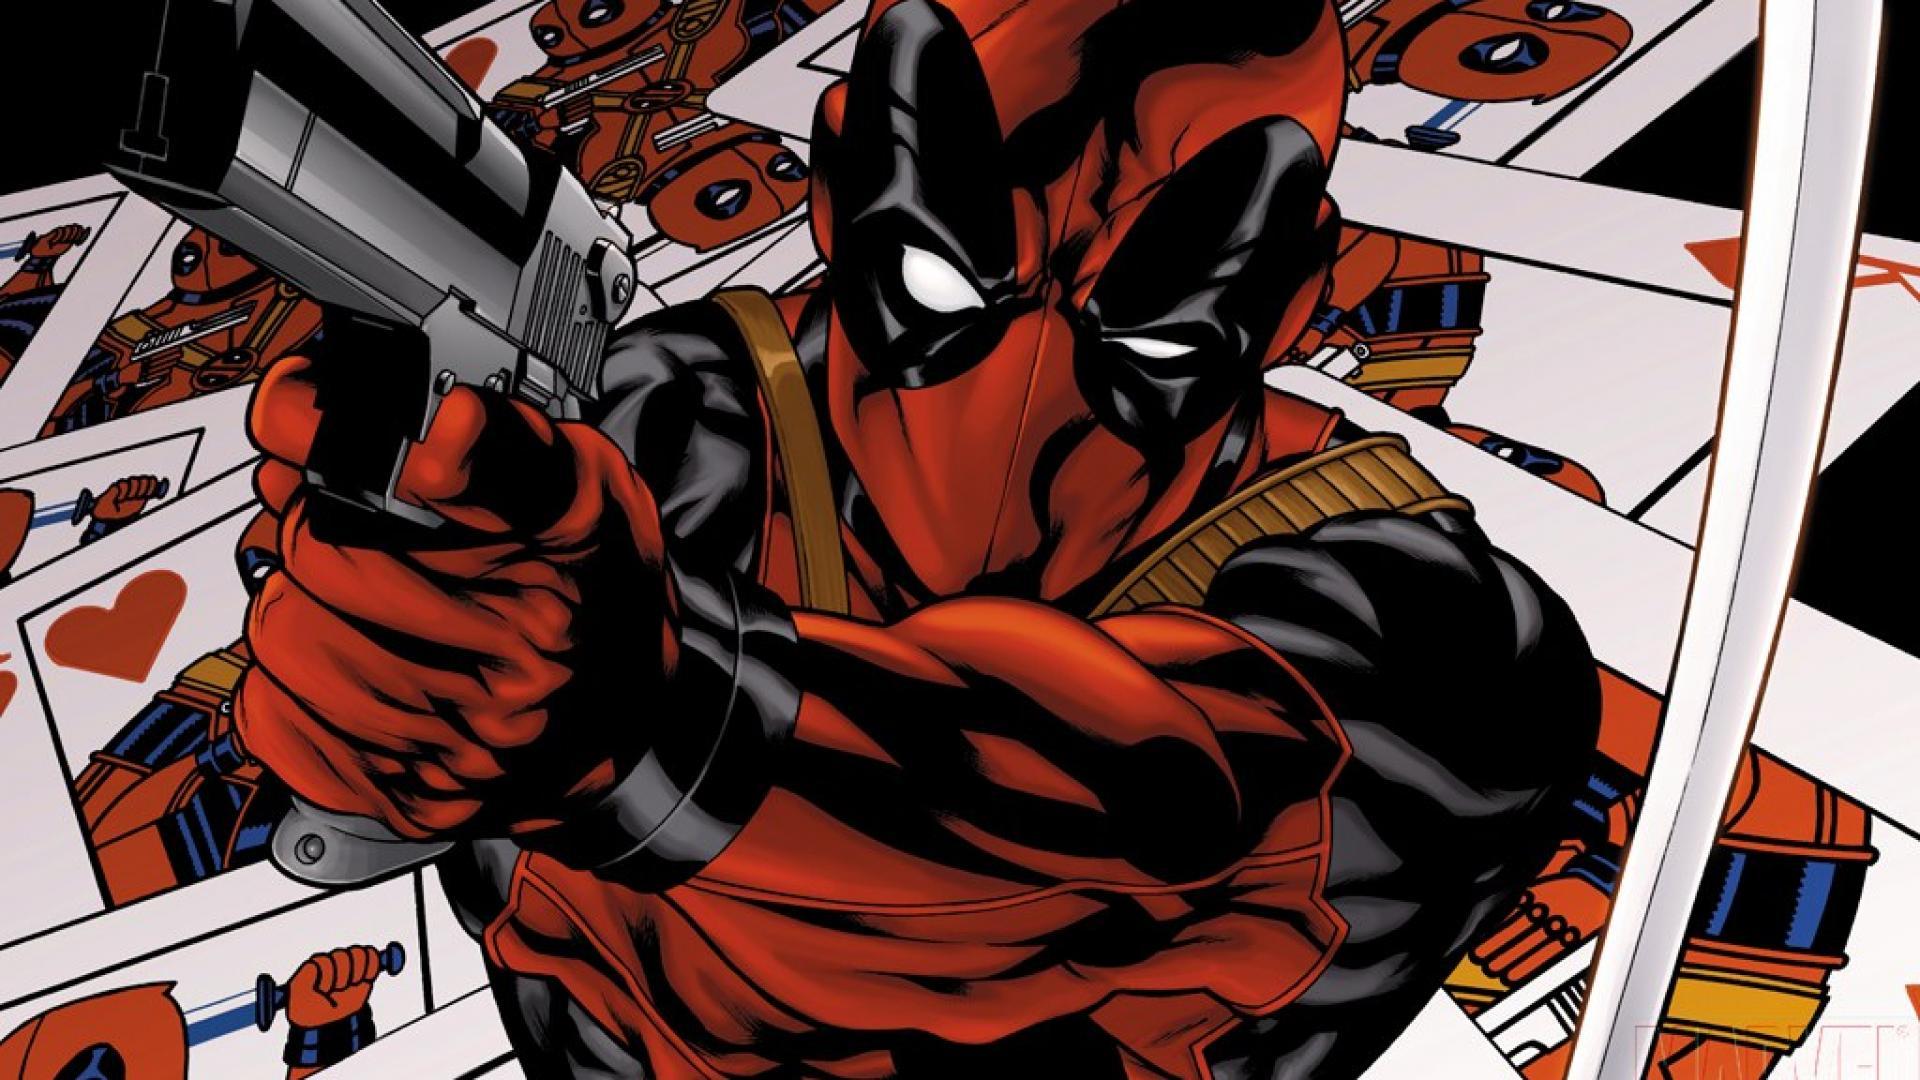 """Ryan Reyndolds i ja chcemy, żeby """"Deadpool"""" był filmem dla dorosłych"""